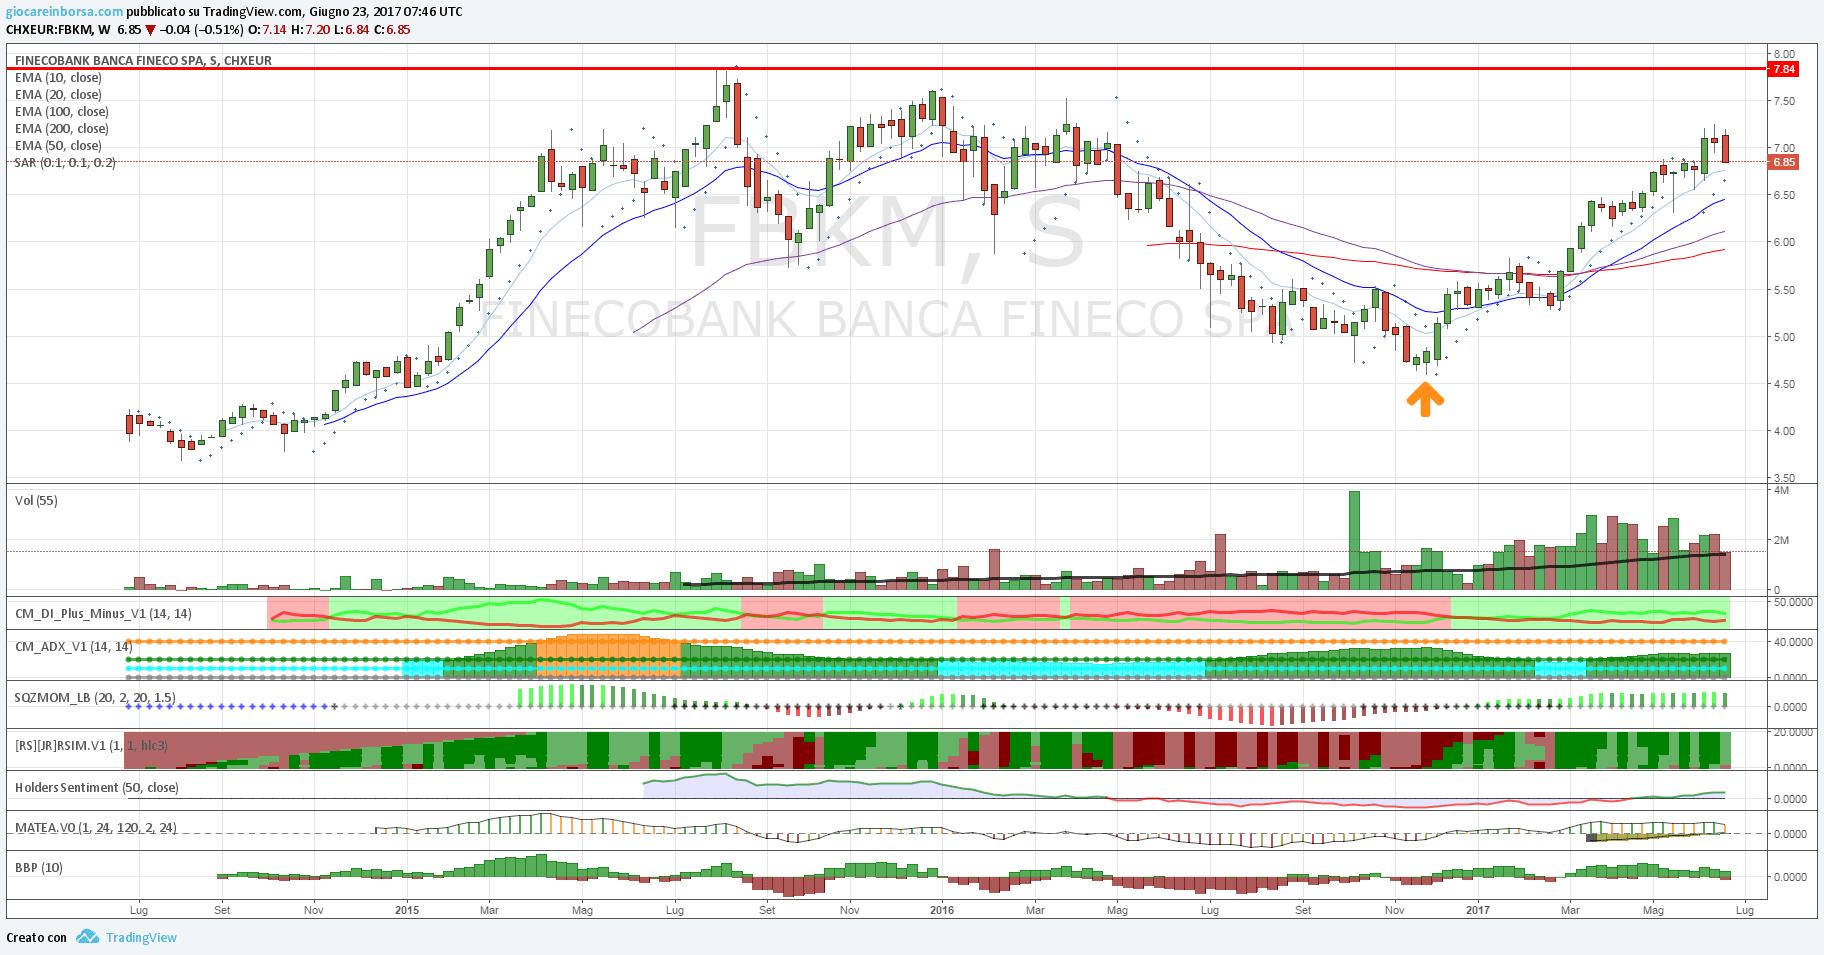 Titolo Fineco Bank, fase di storno dopo il forte rialzo